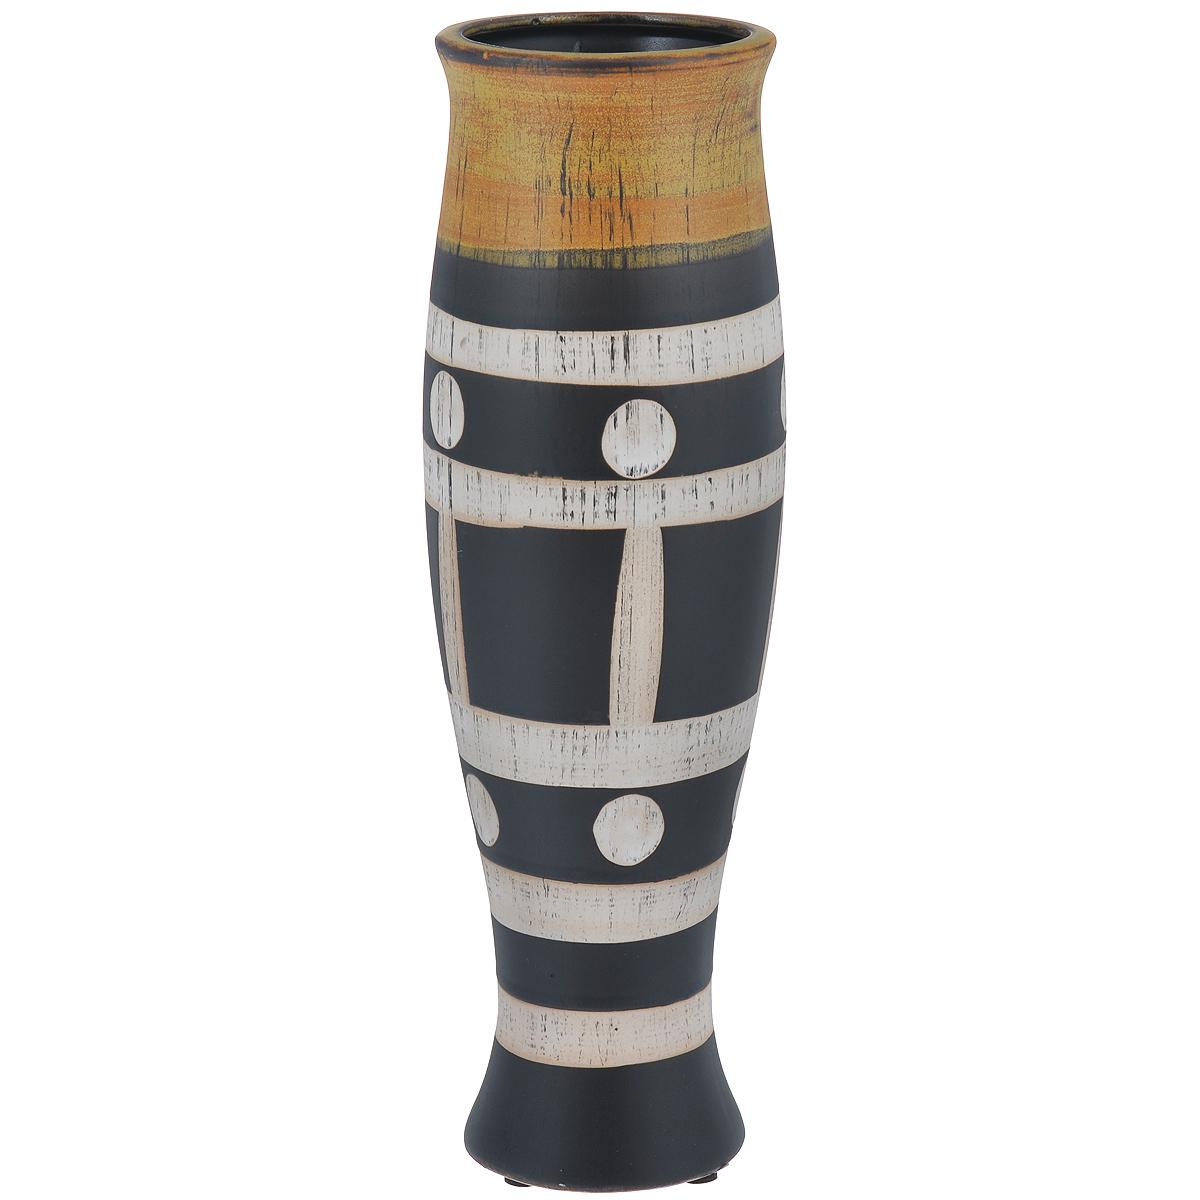 Ваза декоративная Этническая высокая, высота 30,5 см37417Элегантная ваза Этническая высокая выполнена из высококачественного глазурованного фаянса и украшена оригинальным рисунком. Изделие оснащено резиновыми ножками, предотвращающими скольжение вазы по поверхности. Оригинальная ваза Этническая высокая придется по вкусу и ценителям классики, и тем, кто предпочитает утонченность и изящность. Вы можете поставить вазу в любом месте, где она будет удачно смотреться и радовать глаз. Такая ваза подойдет и для цветов, и для декора интерьера. Кроме того - это отличный вариант подарка для ваших близких и друзей. Диаметр вазы (по верхнему краю): 9 см. Высота вазы: 30,5 см.